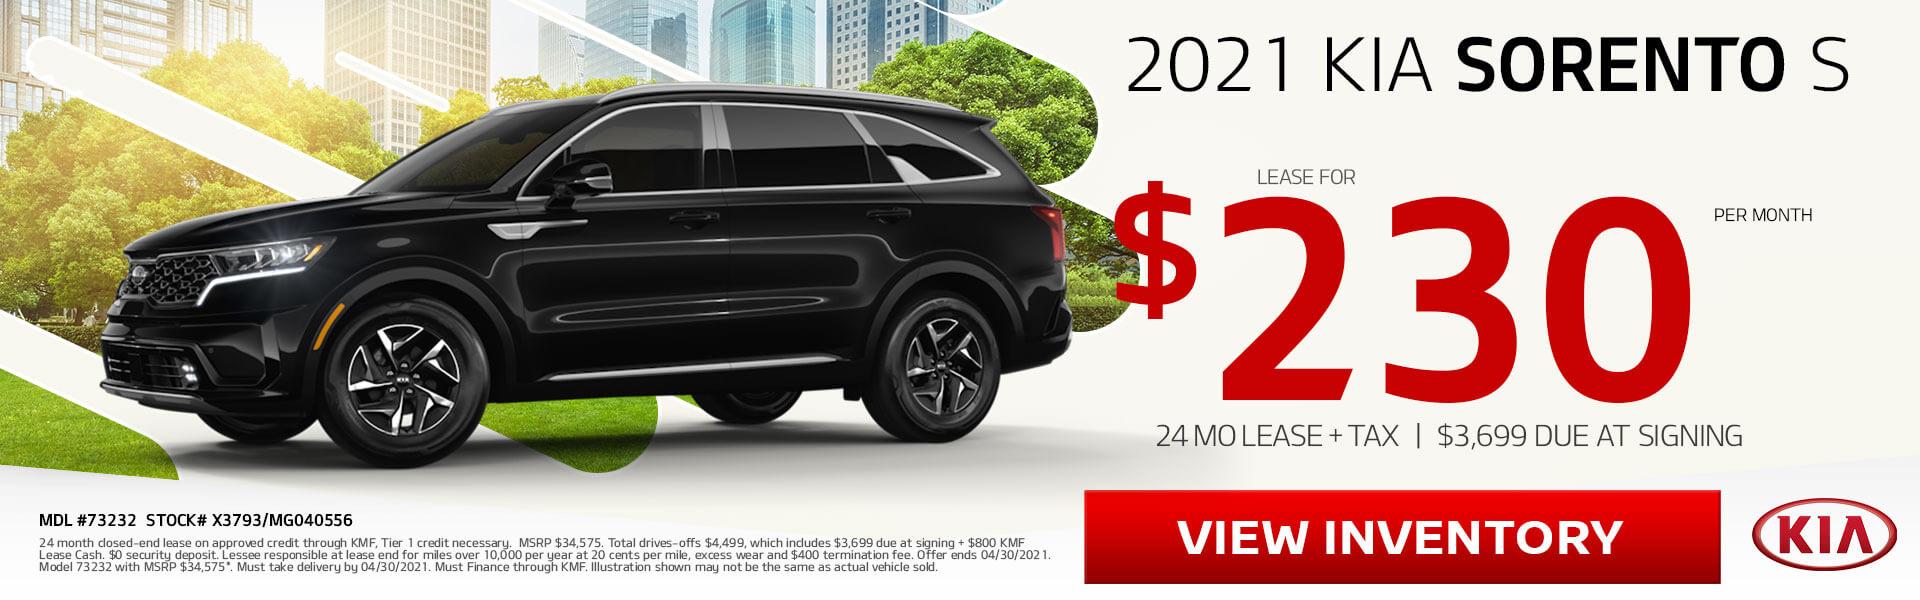 2021 KIA Sorento S